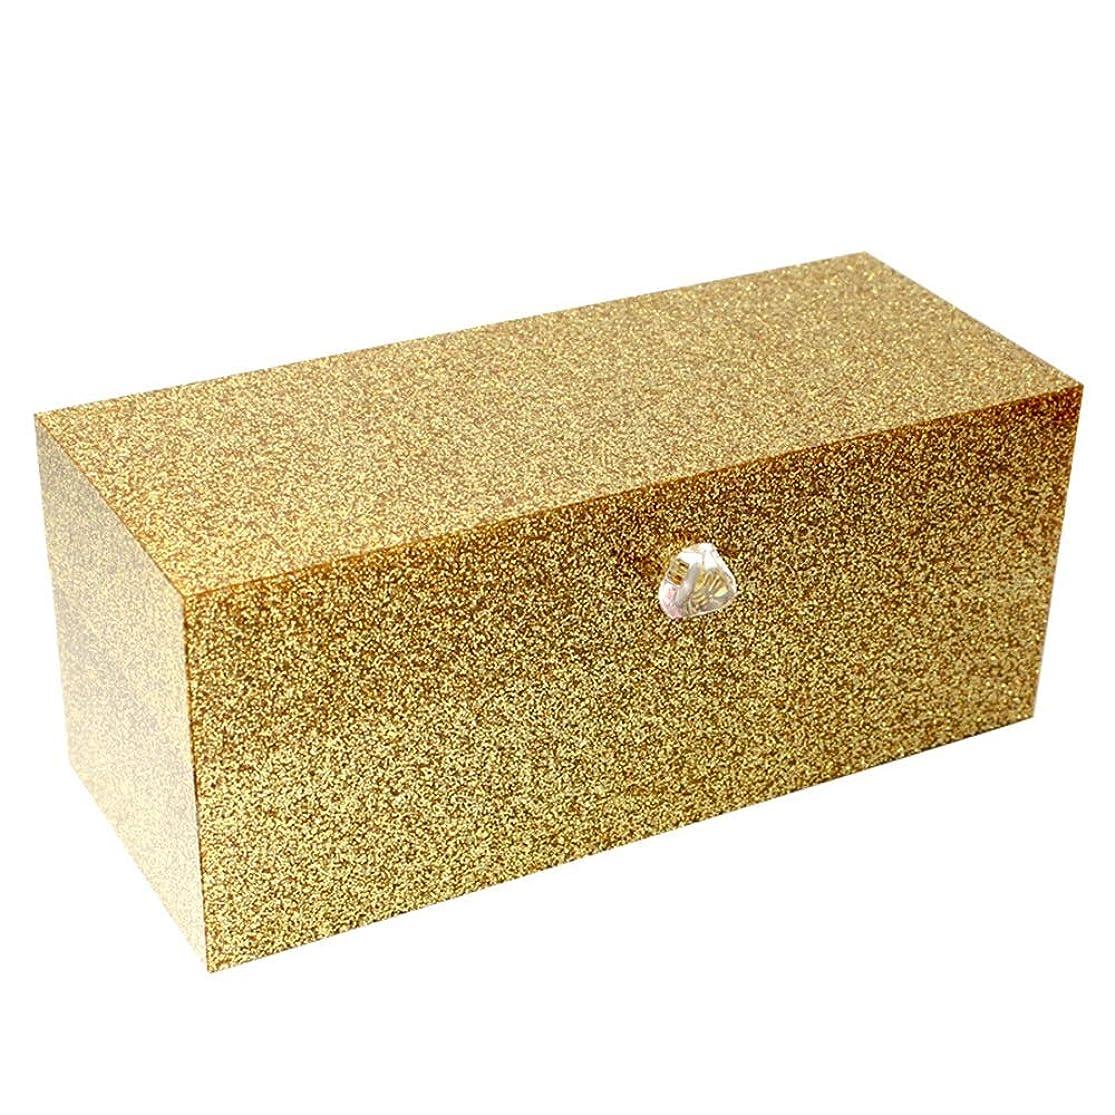 小切手めんどり足音整理簡単 口紅のアクリルの付属品を収納するための24のコンパートメントが付いている簡単な構造の貯蔵ふたが付いているオルガナイザー(金) (Color : Gold, Size : 23*9.5*9.2CM)